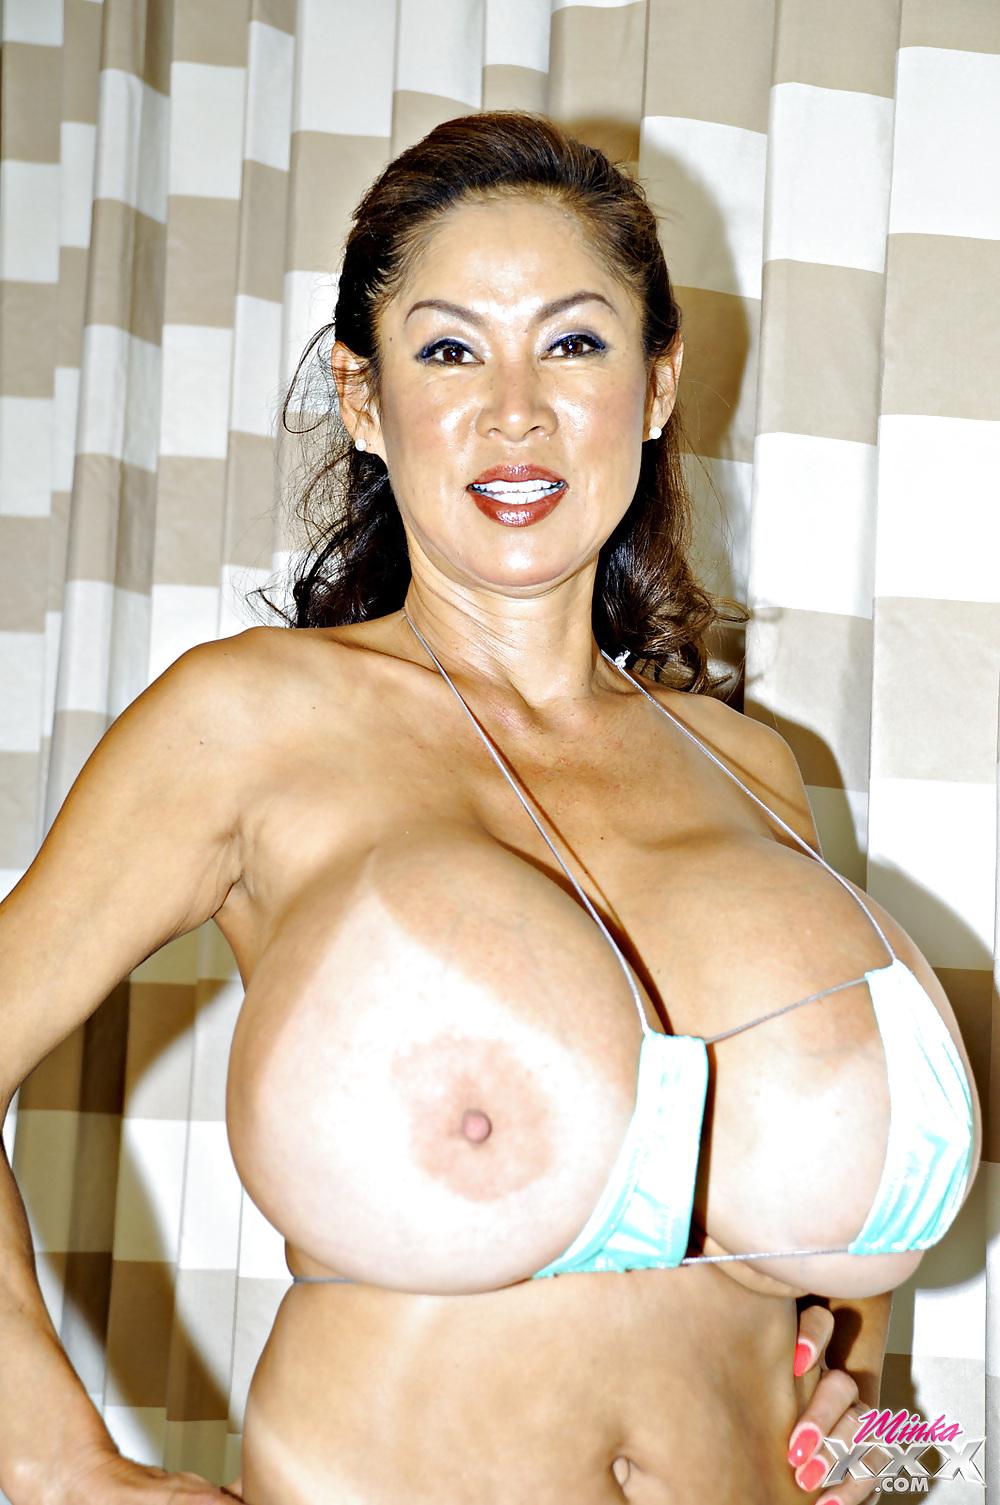 Minka big tits porn on high quality tits